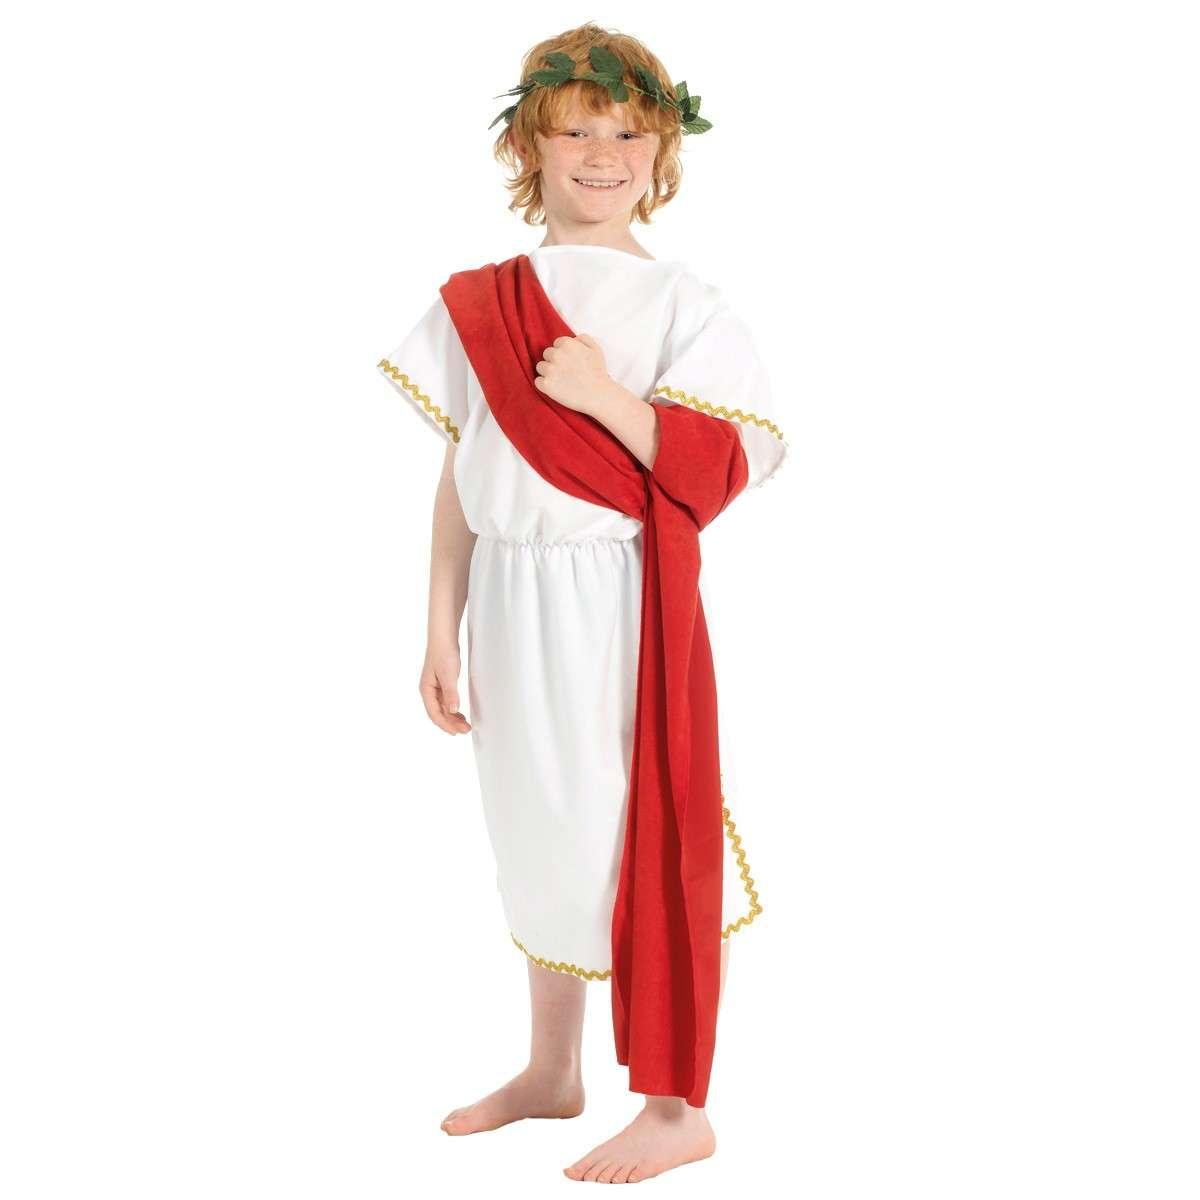 Vestito da antico romano